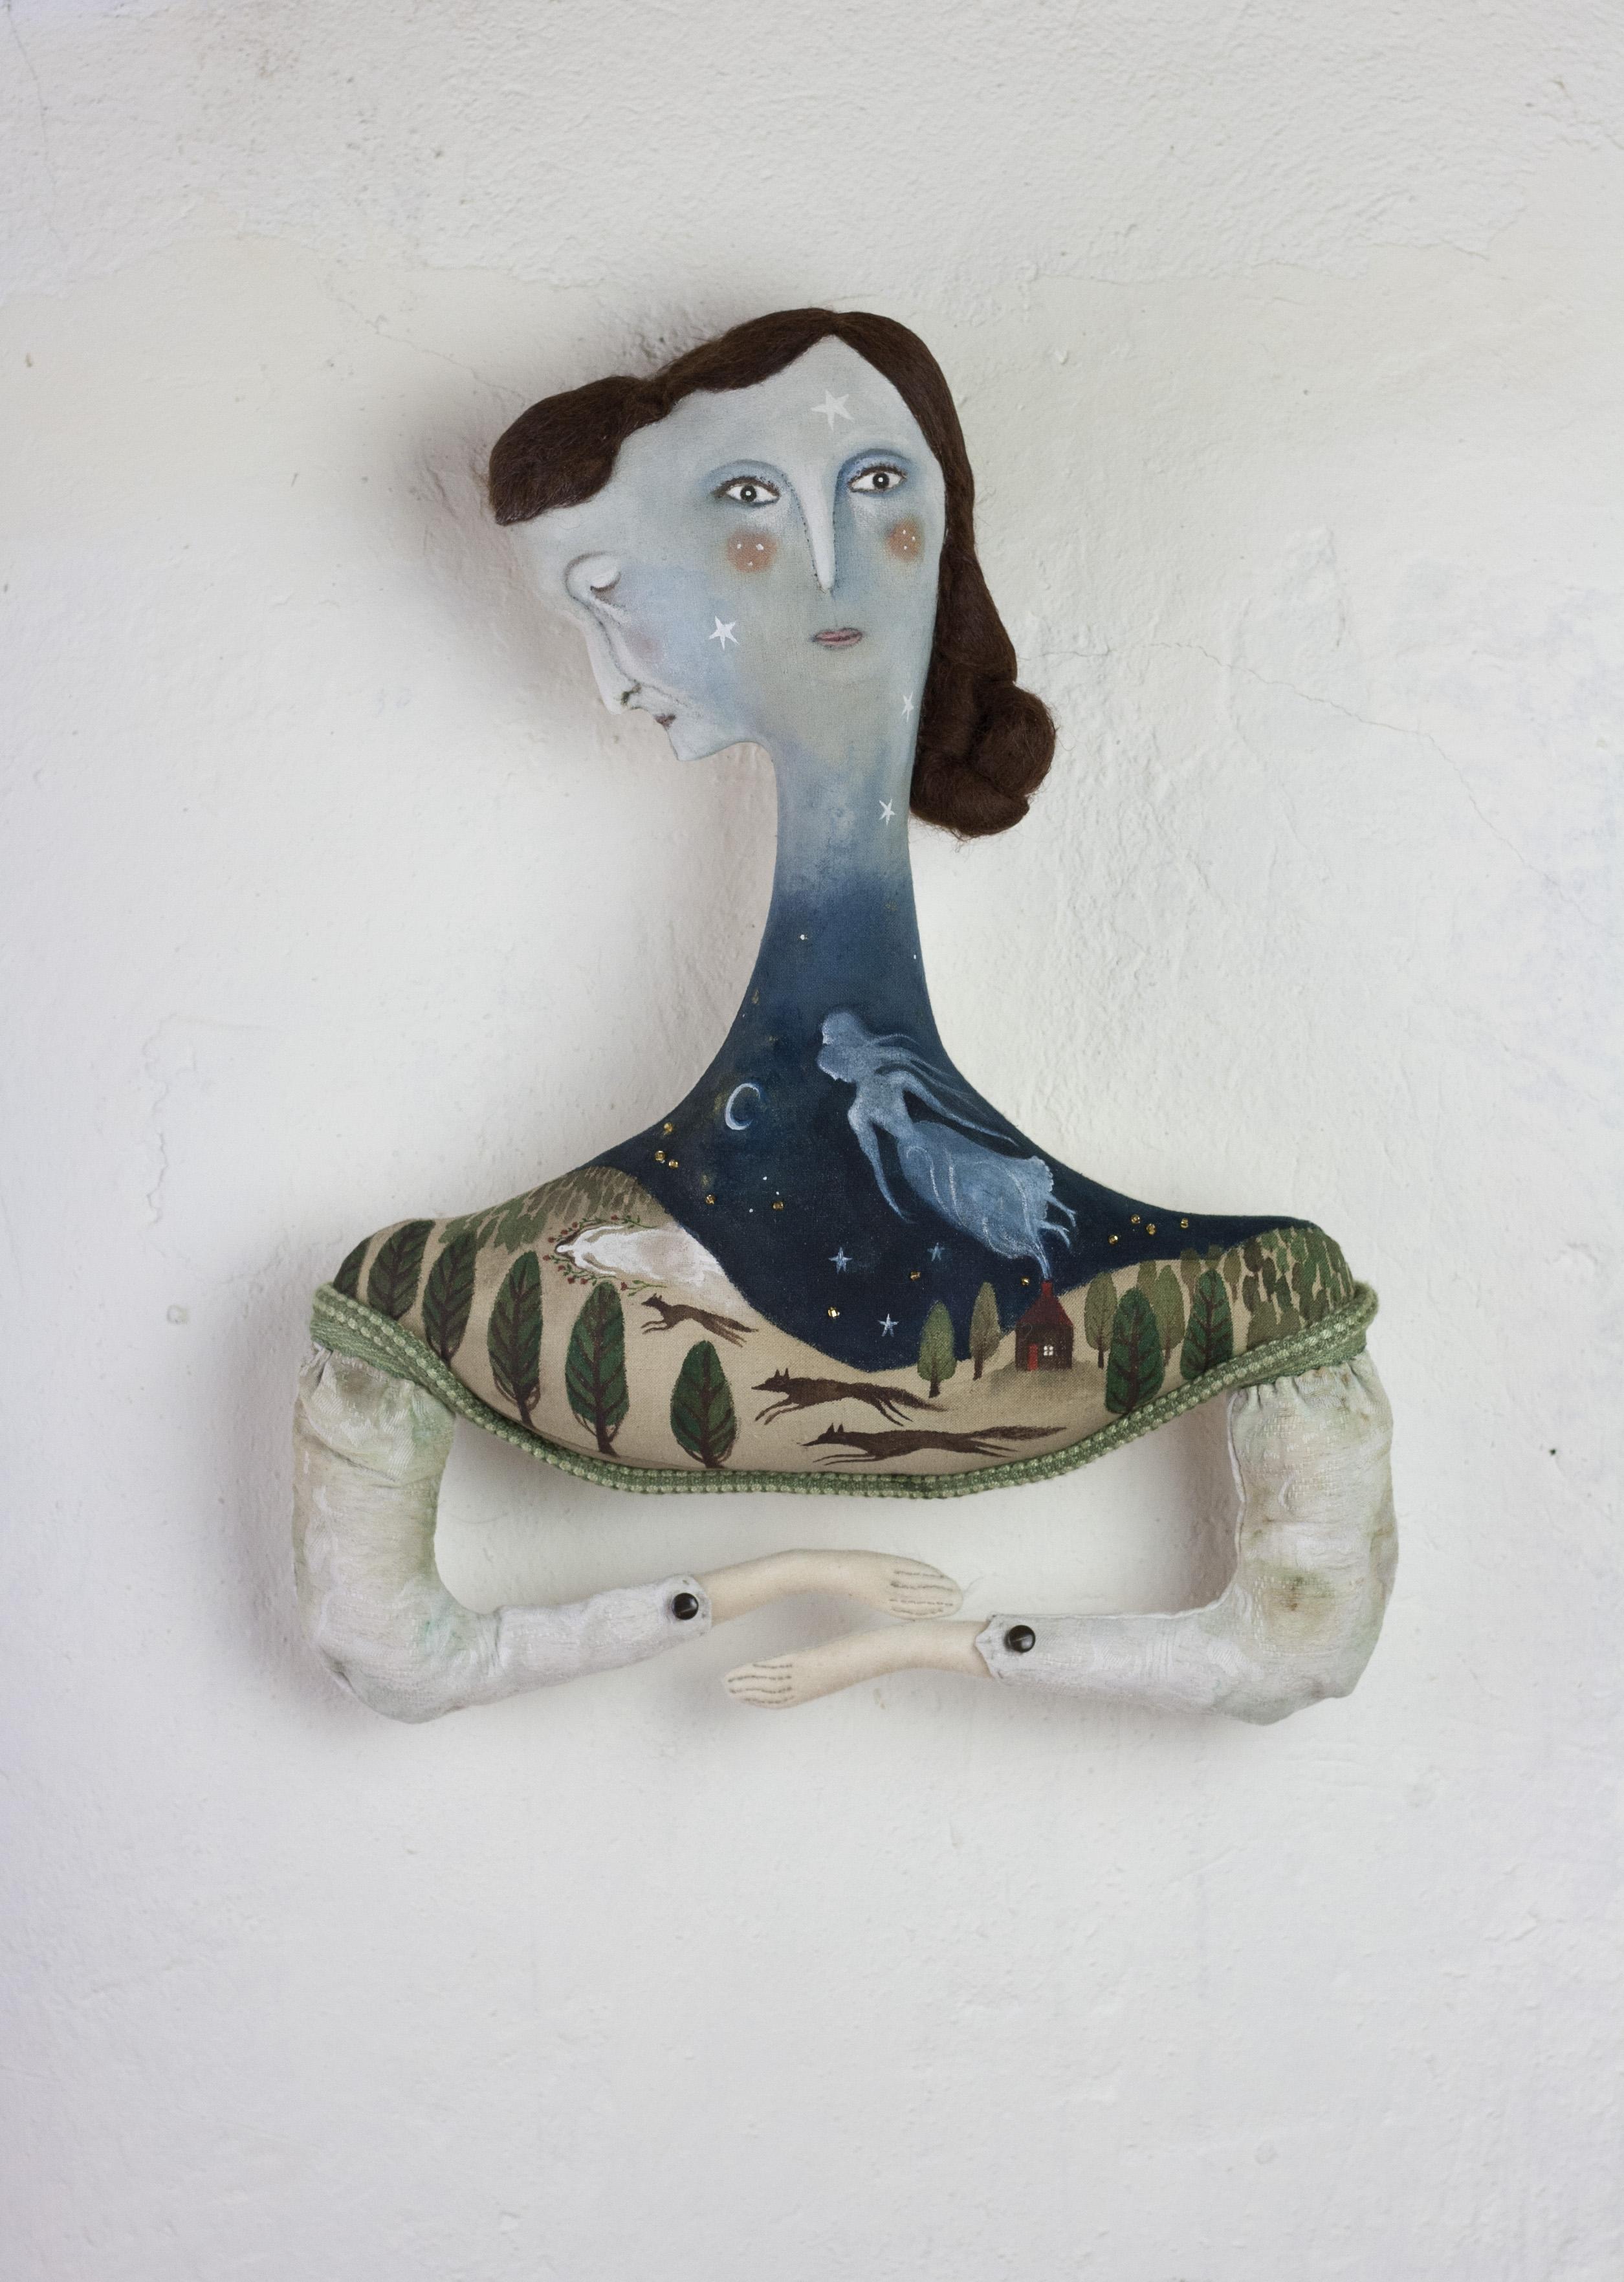 doll artist Pantovola